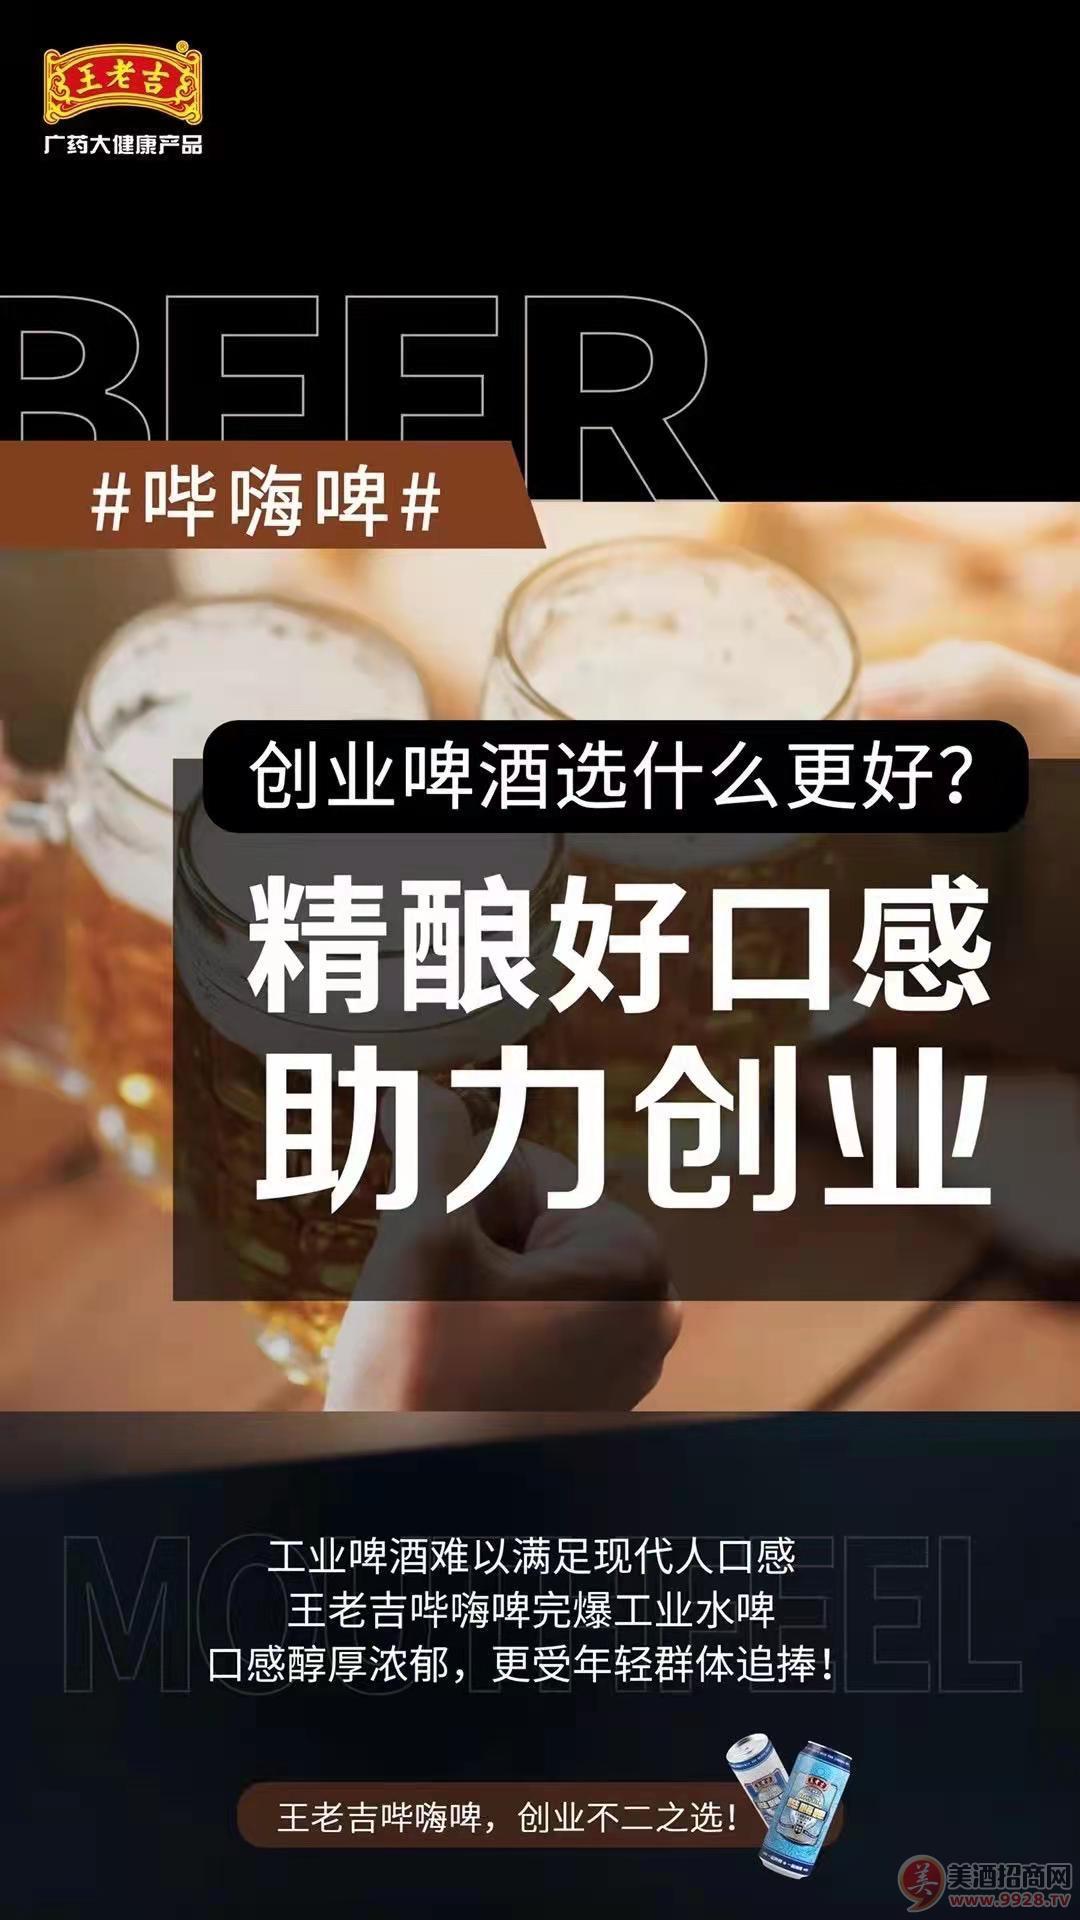 王老吉哔嗨啤精酿啤酒诚邀加盟!